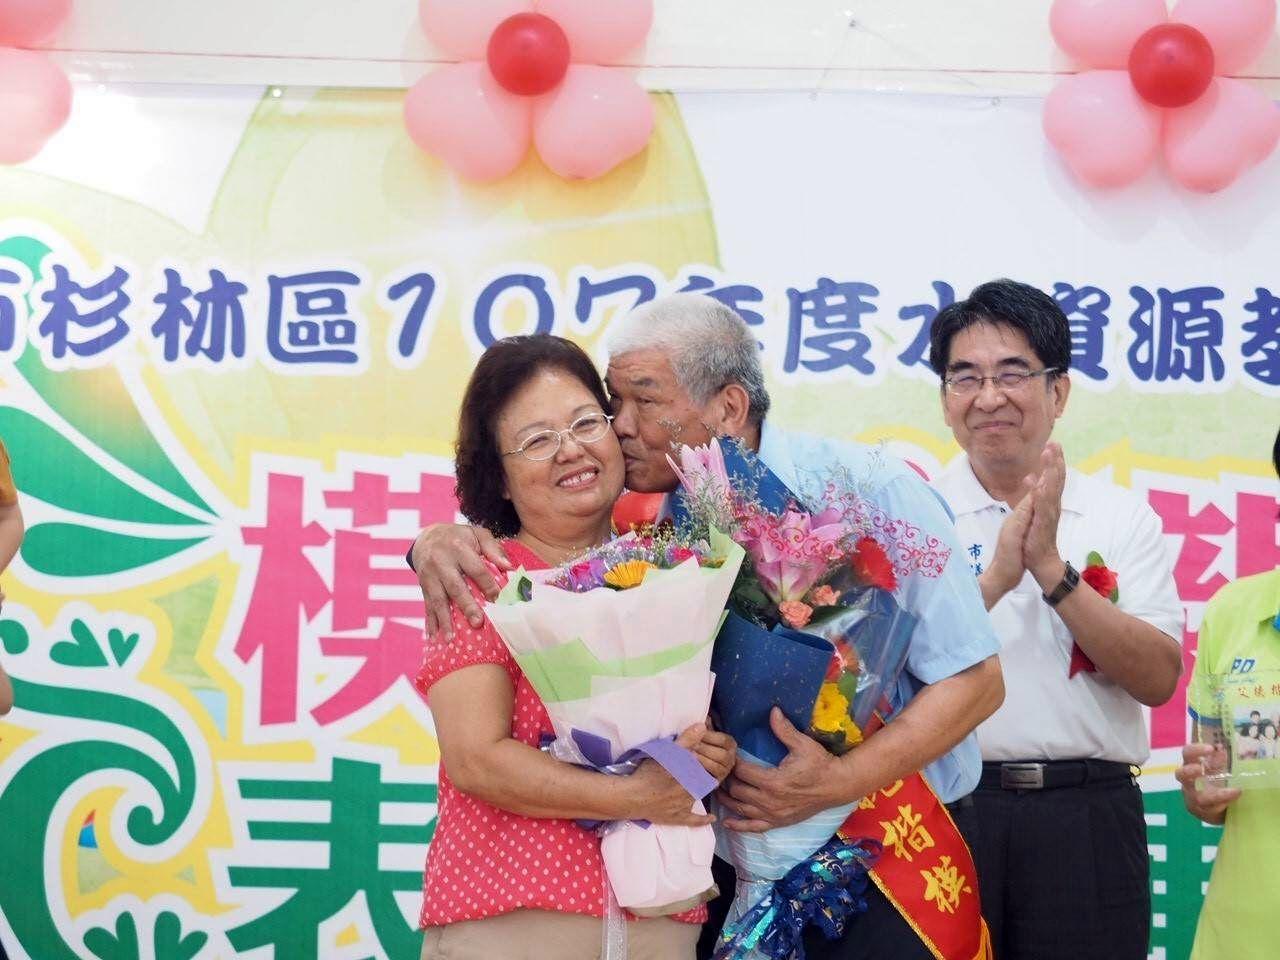 杉林區模範父親表揚大會,有模範父親高興地向家人送吻。記者王昭月/攝影